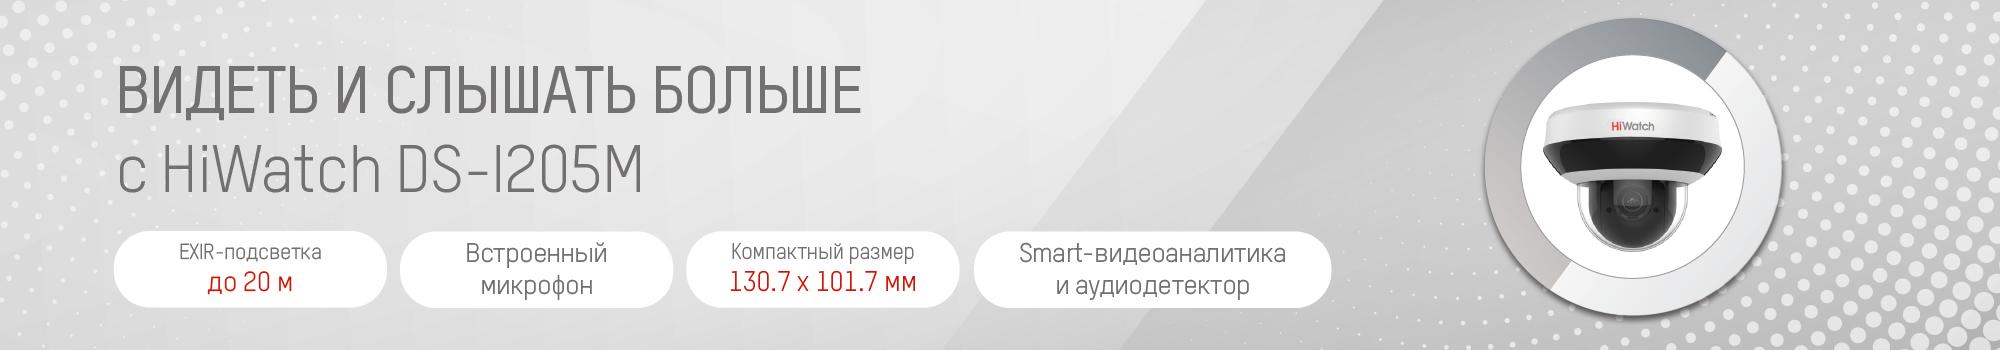 ds-i205-2000350